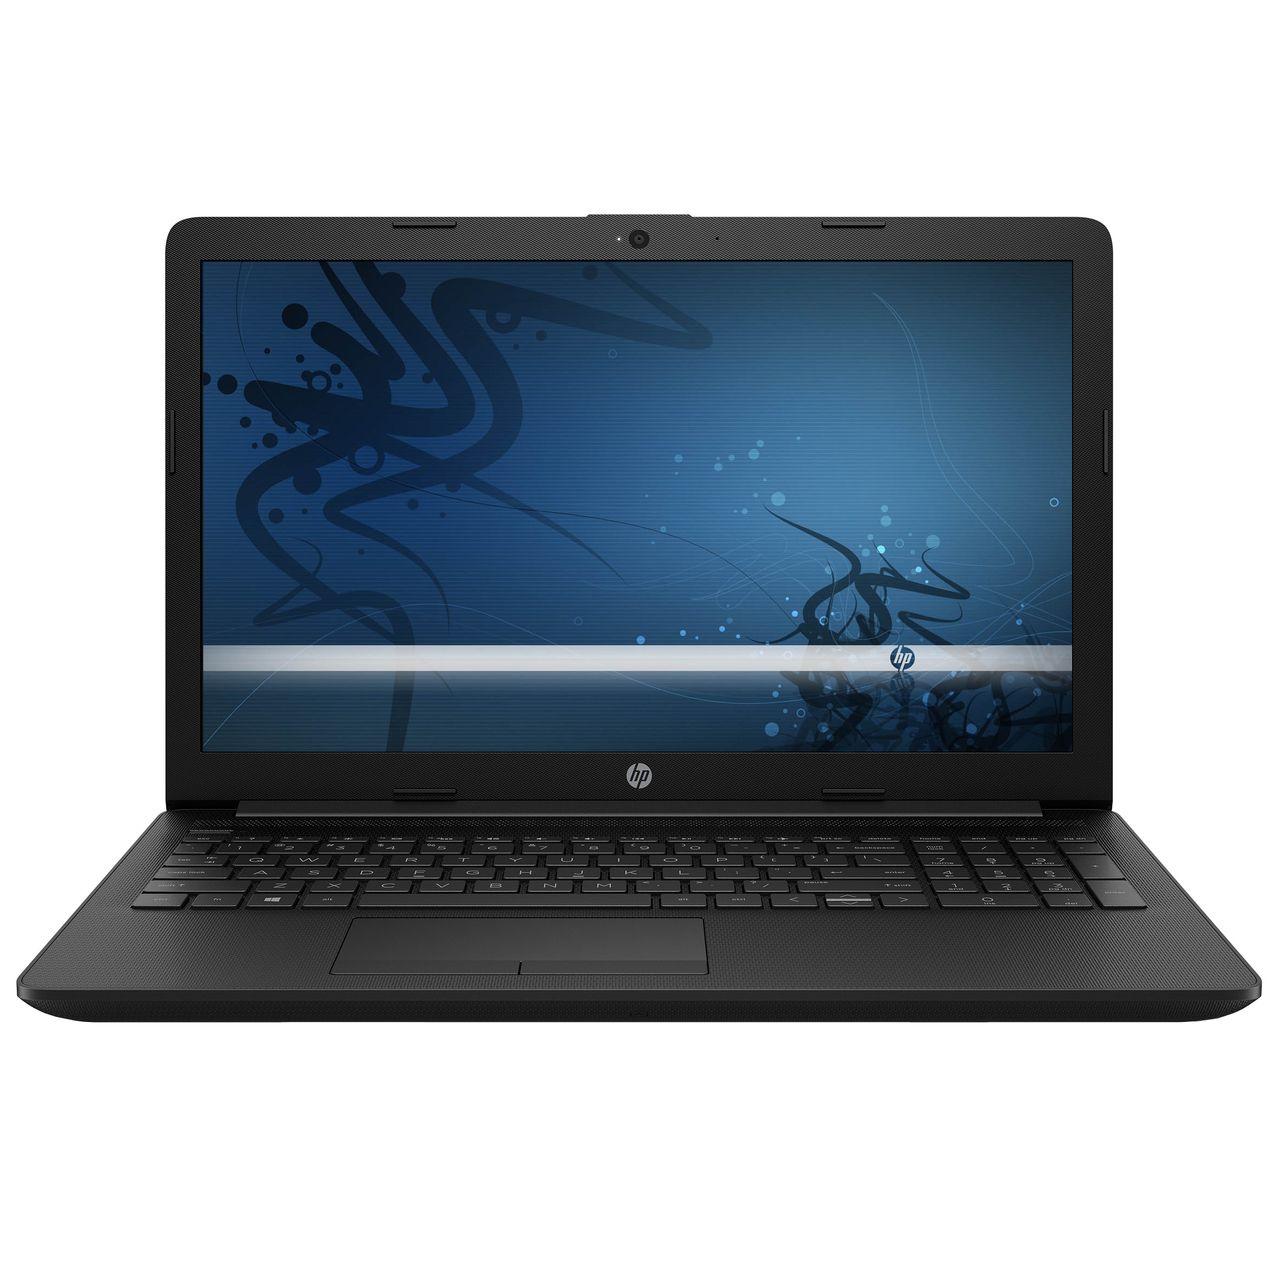 لپ تاپ ۱۵ اینچی اچ پی مدل DA2183-B